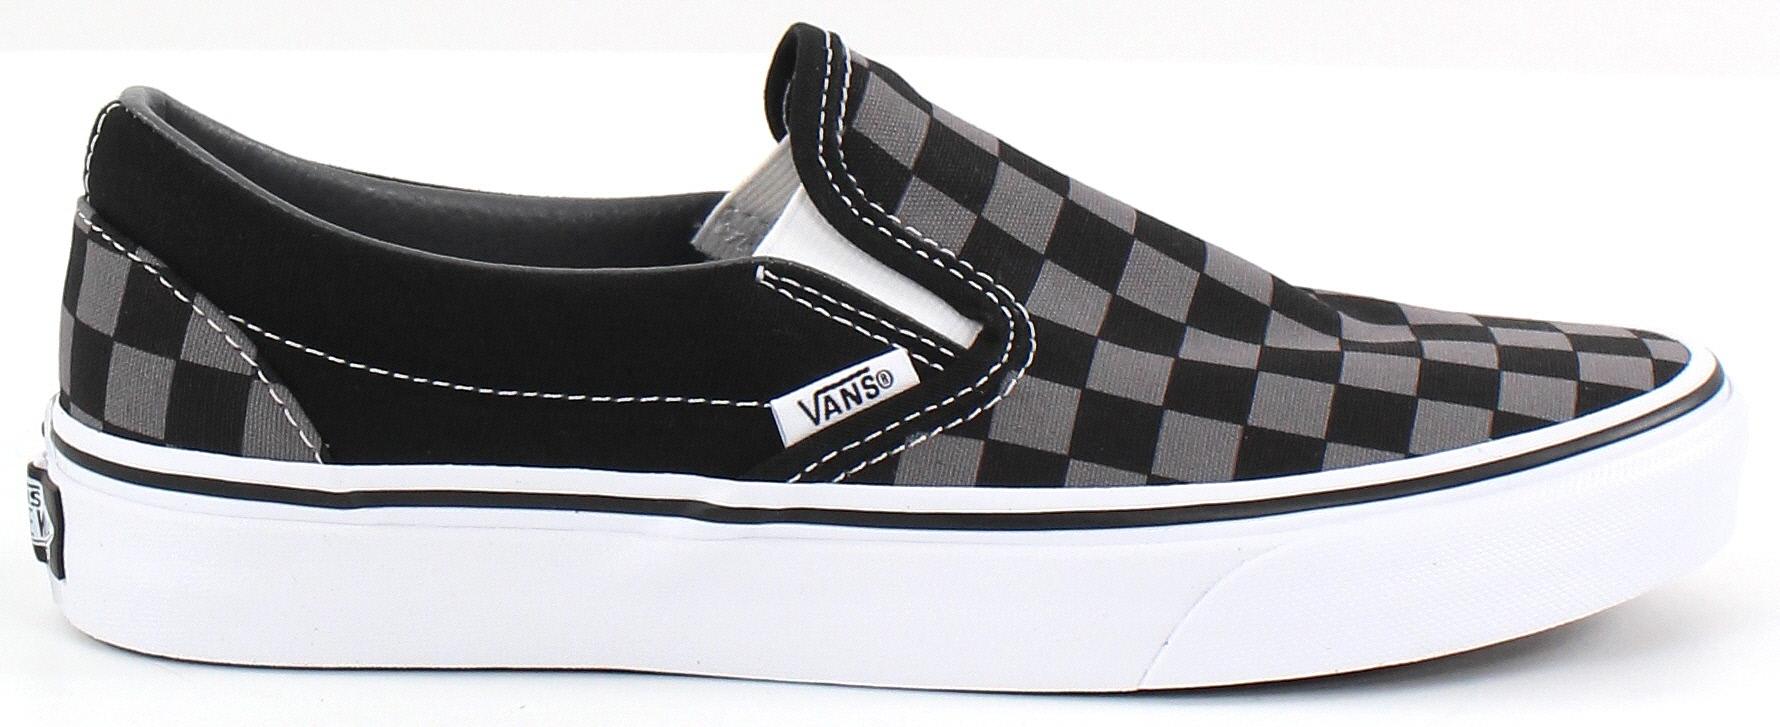 Vans slip on | Black slip on shoes, Vans slip on black